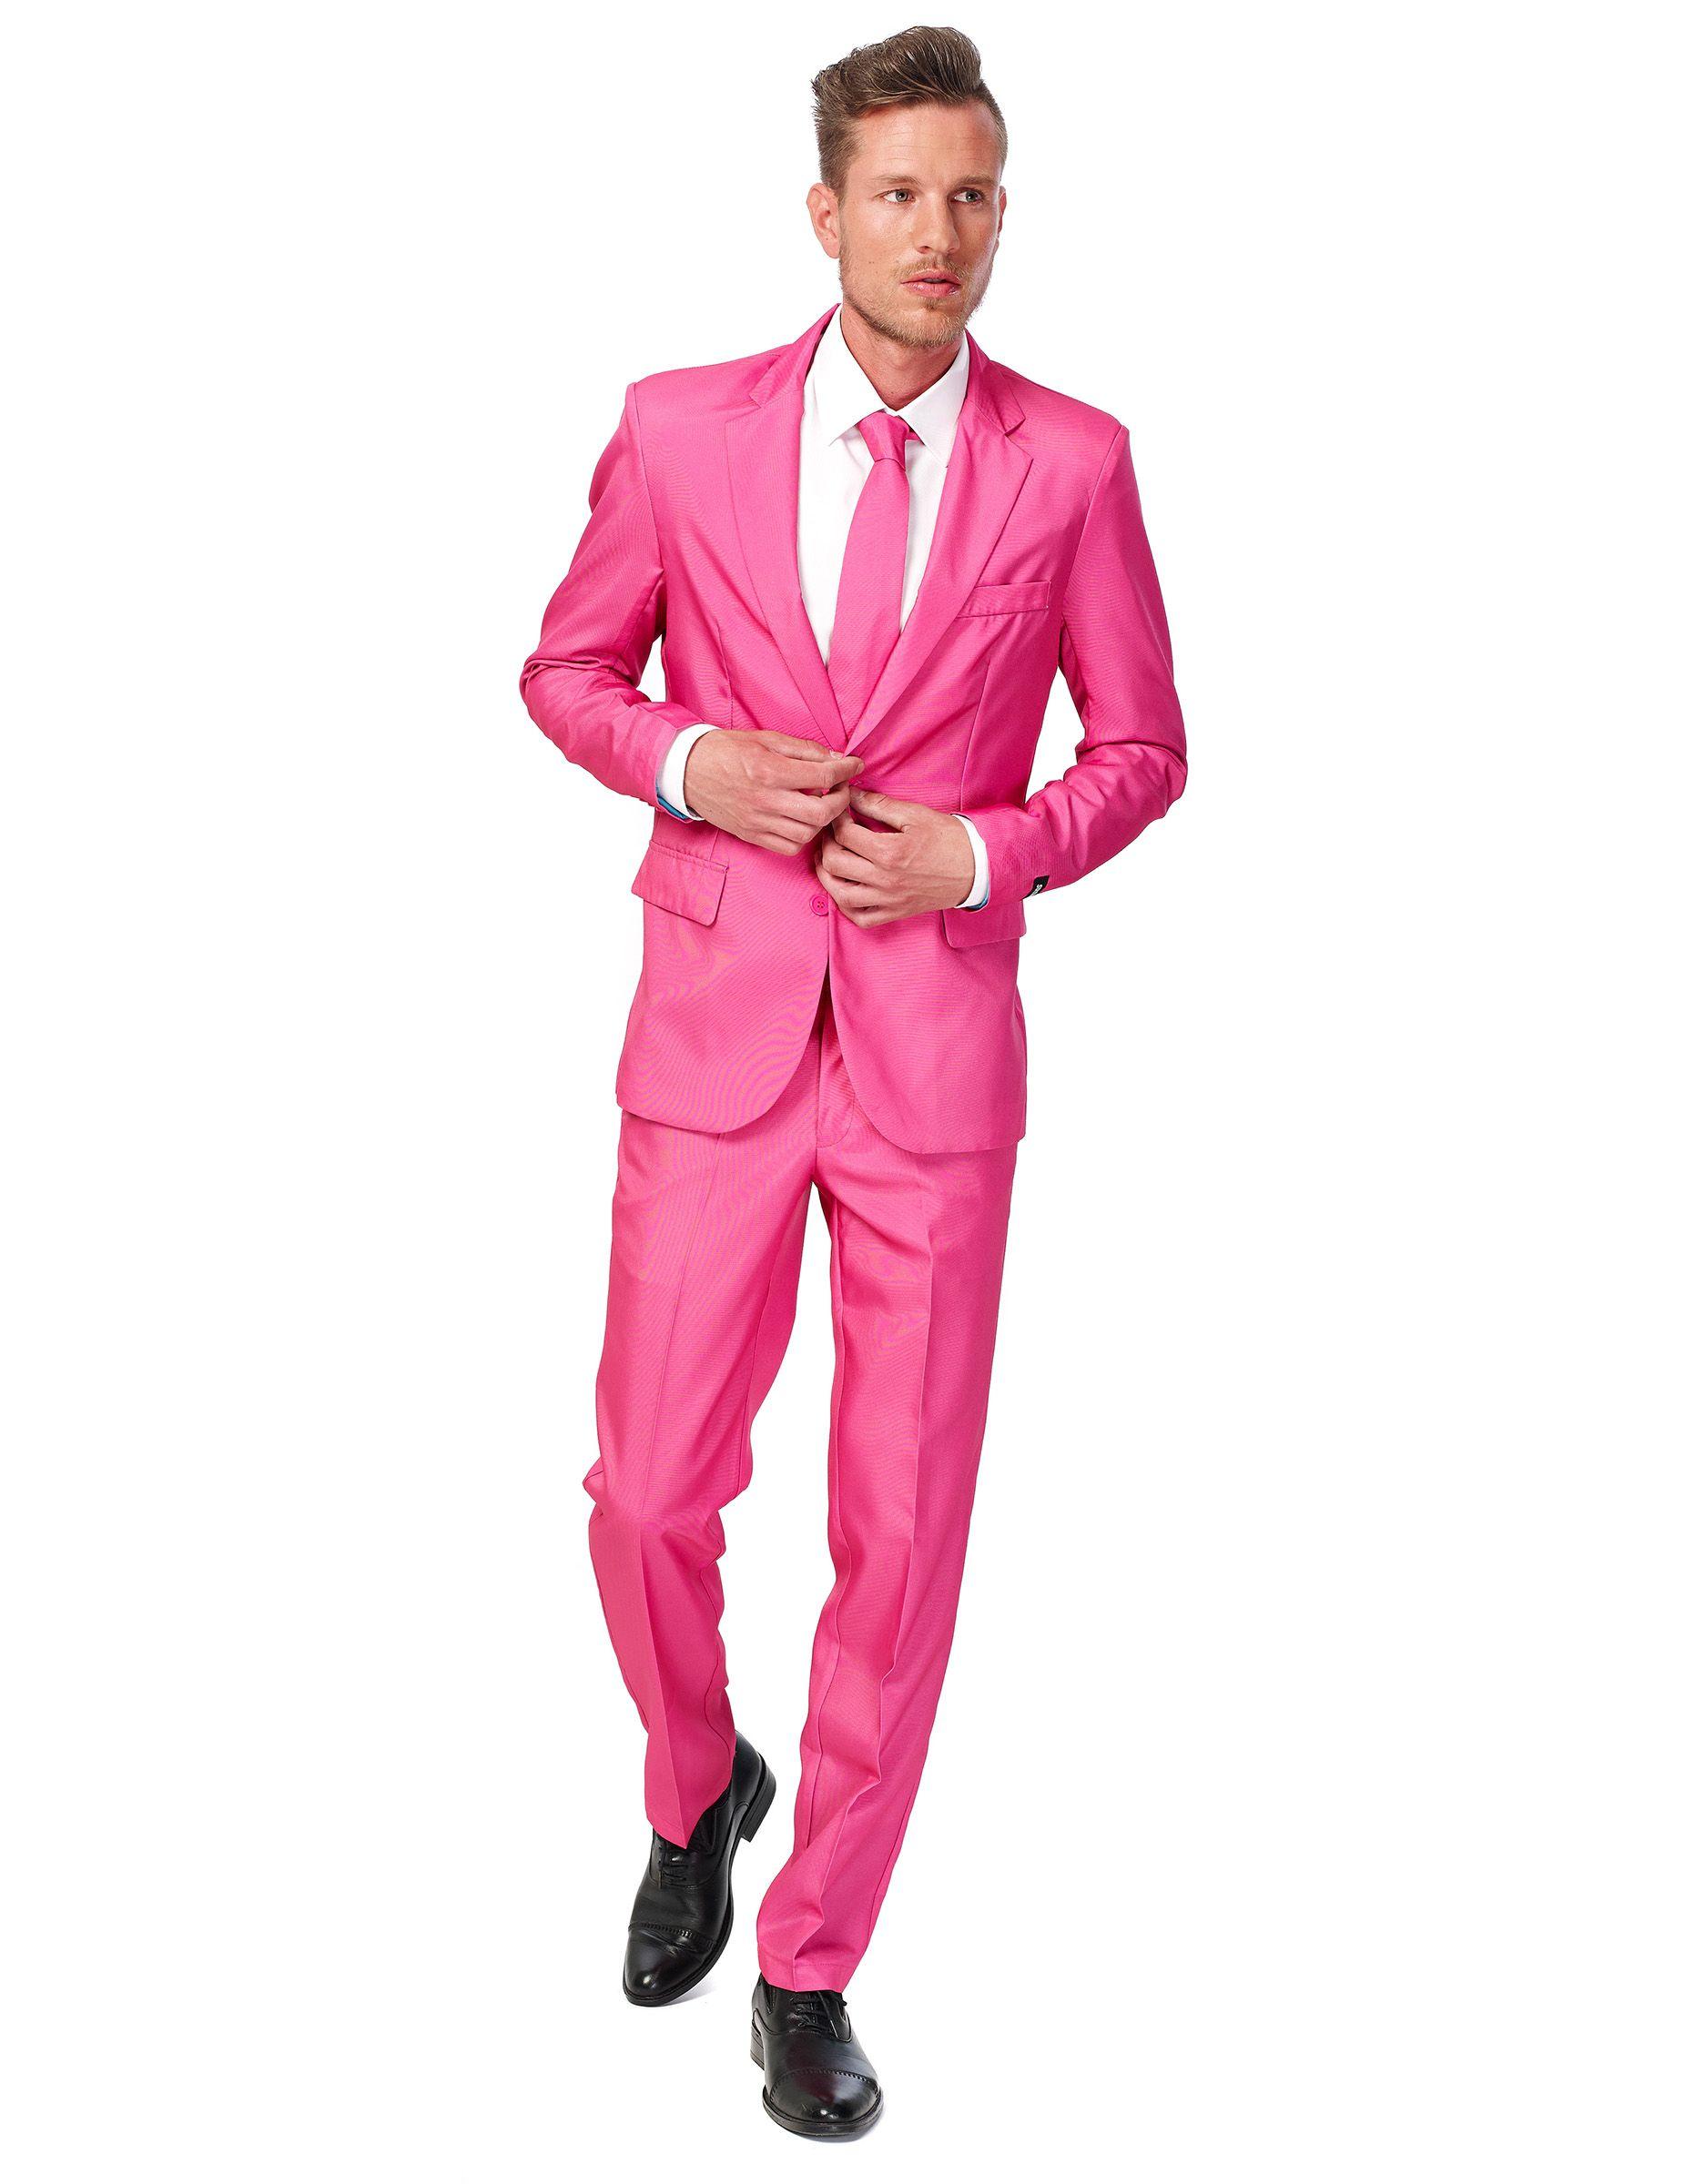 Traje rosa hombre Suitmeister™ | Traje rosa, Hombrera y La chaqueta